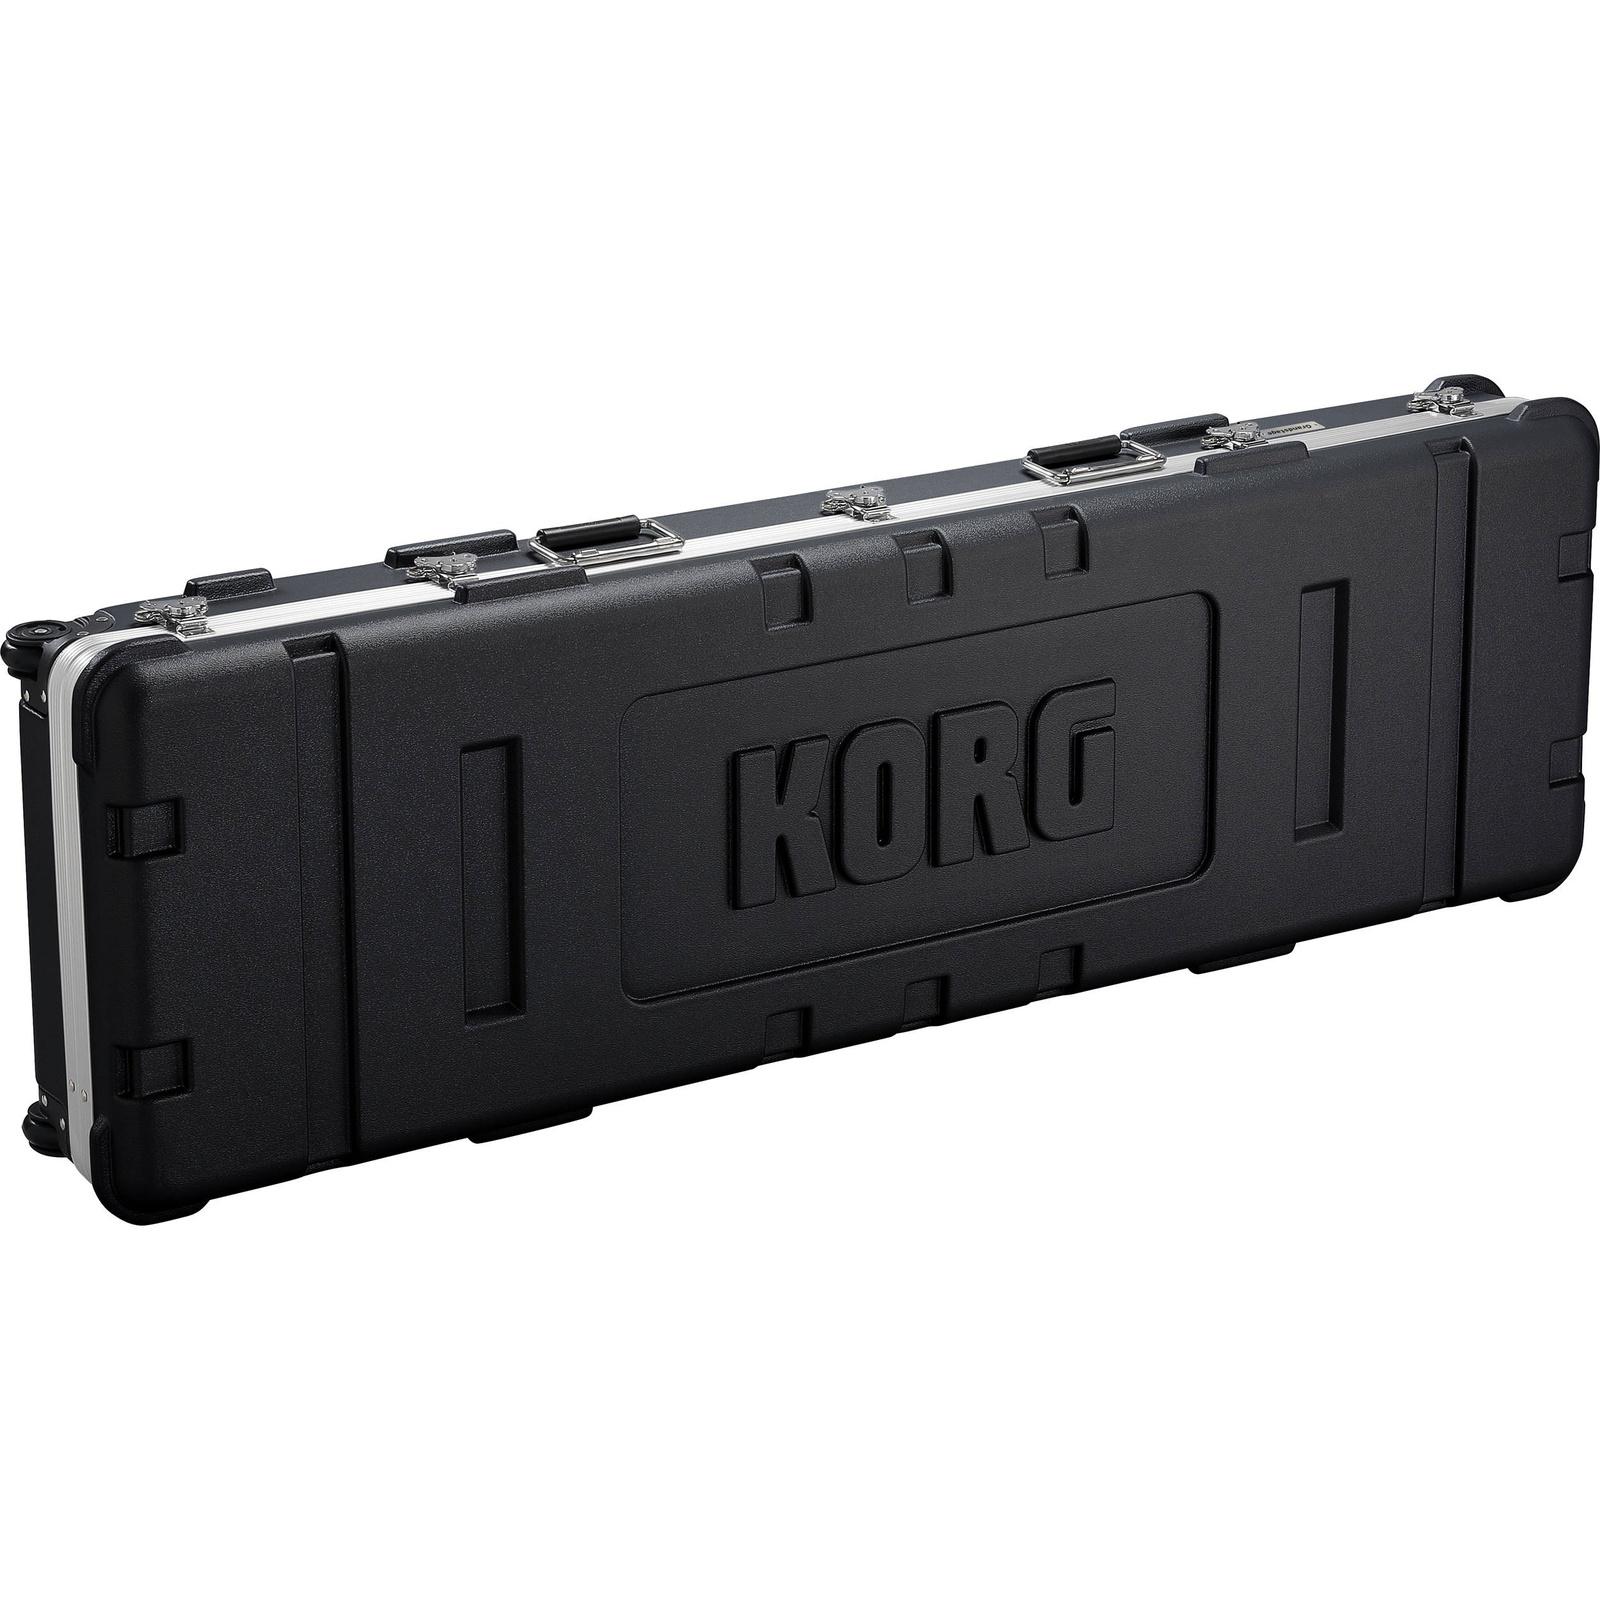 Korg Grandstage 88 Hard Case image